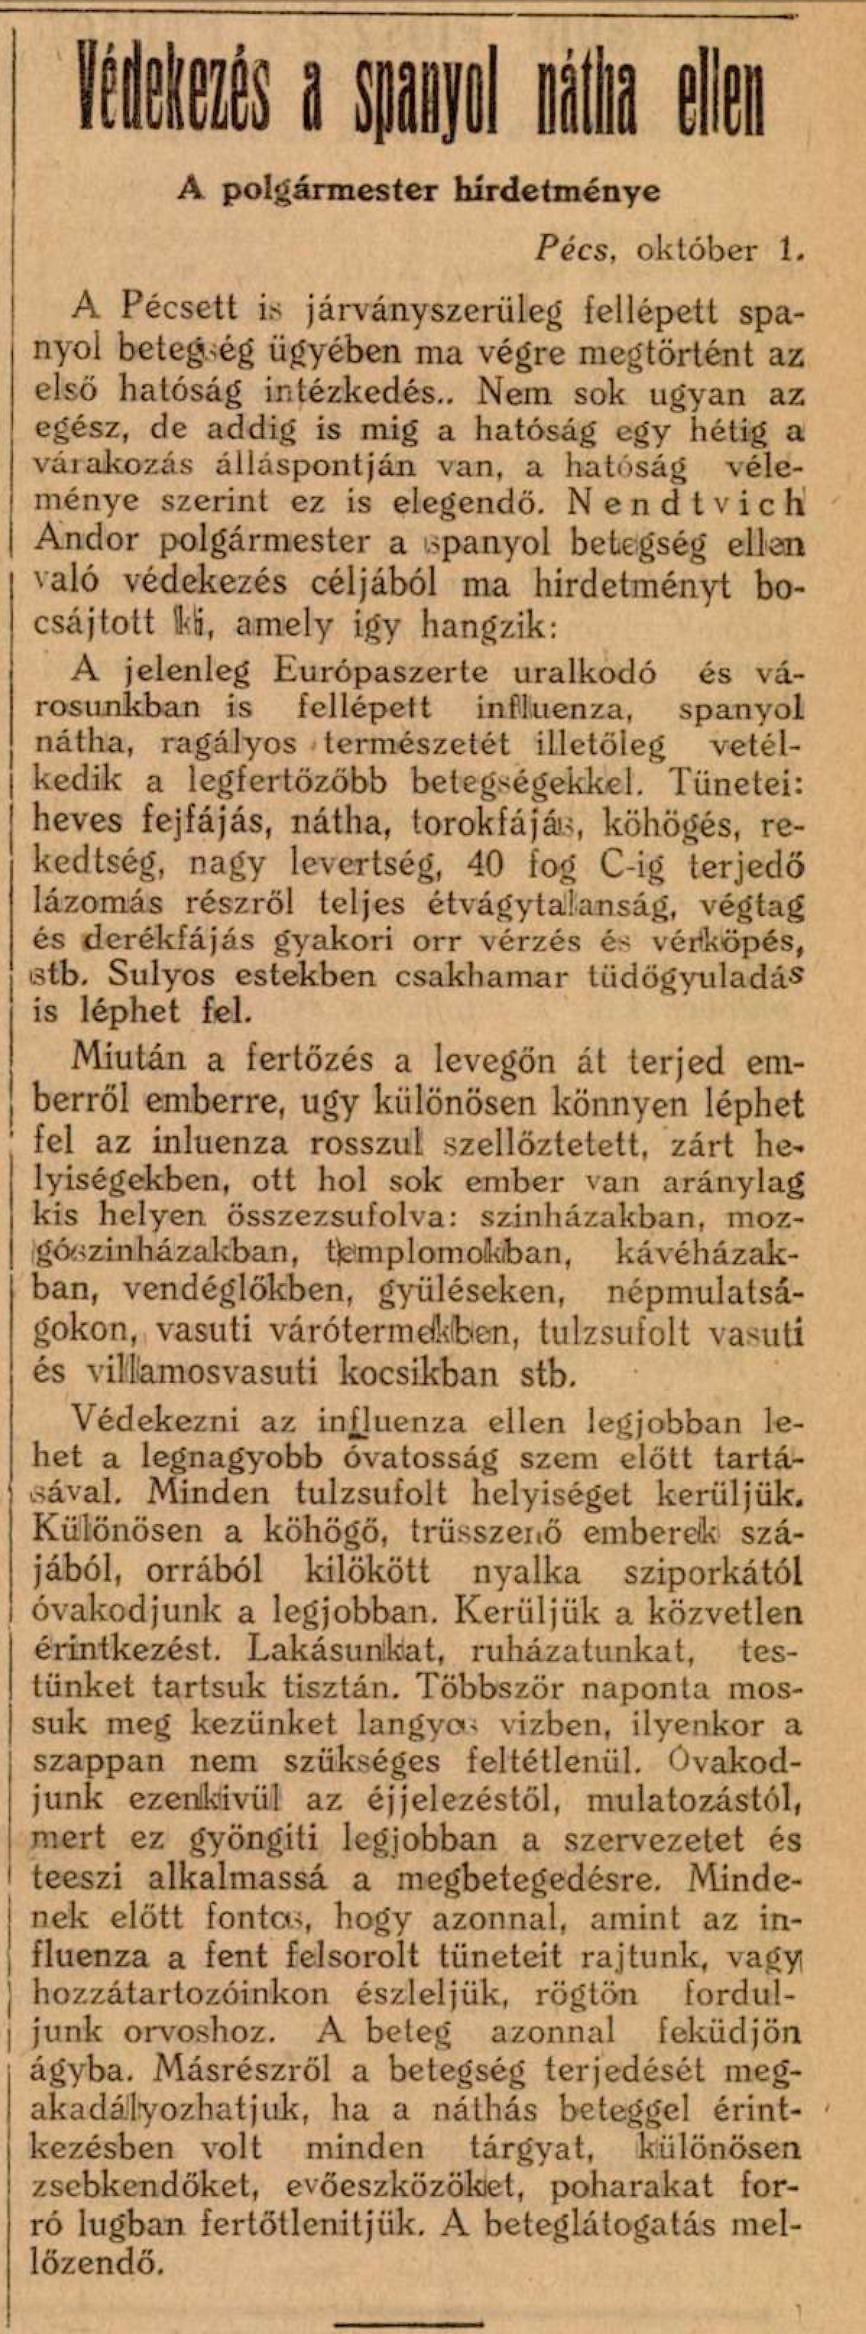 1918_10_03_dunantul_vedekezes_a_spanyol_natha_ellen_hirdetmeny_pdf.jpg